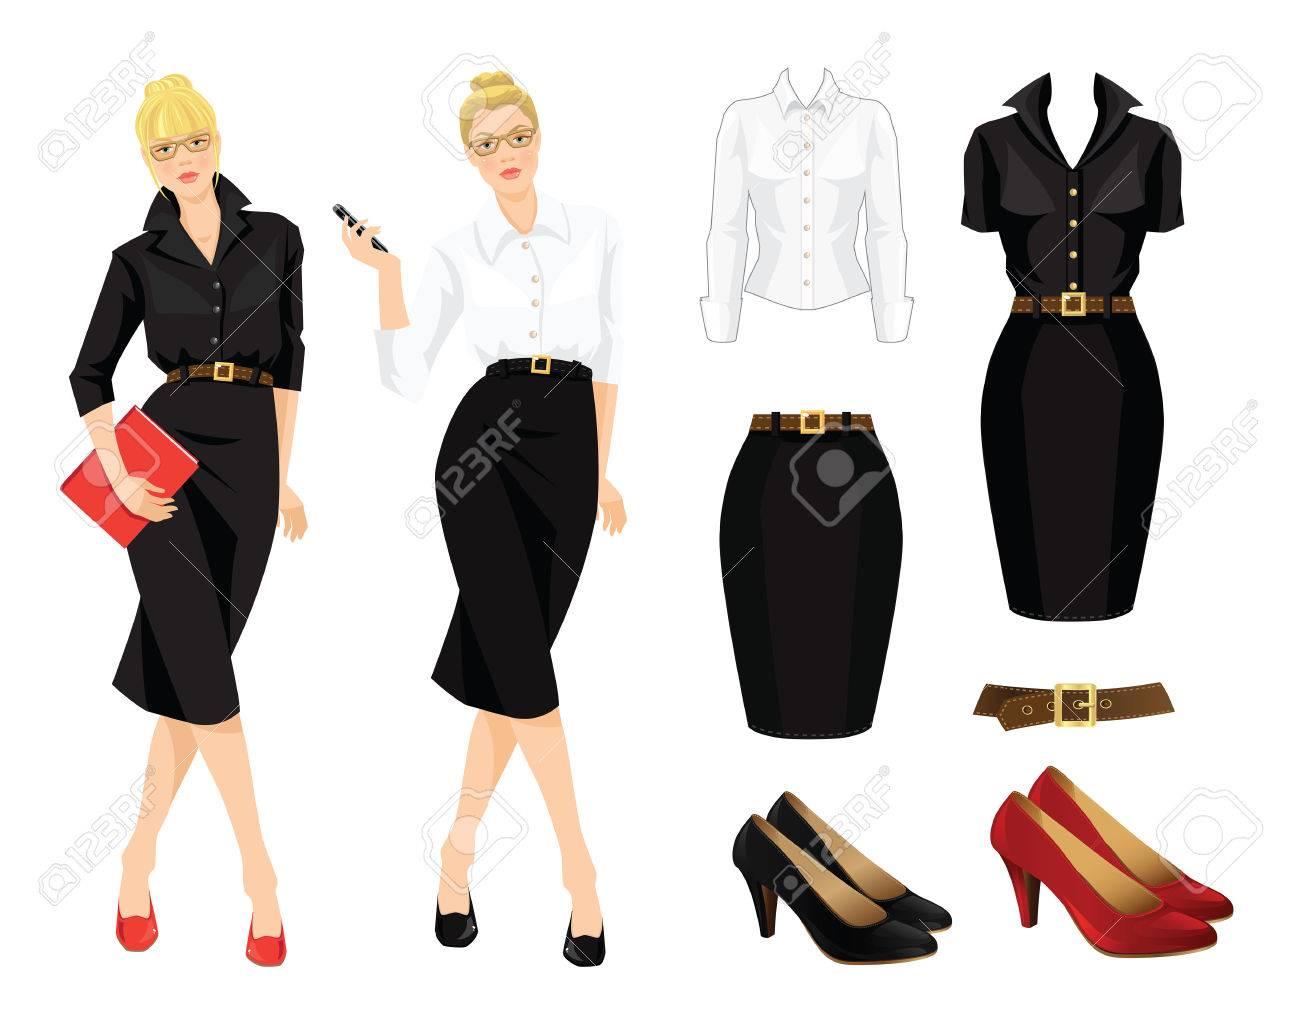 982f8bff Foto de archivo - Ilustración de uniforme de oficina y zapatos formales. Mujer  de negocios o profesor en el vestido negro. Secretaria teléfono del  teléfono ...